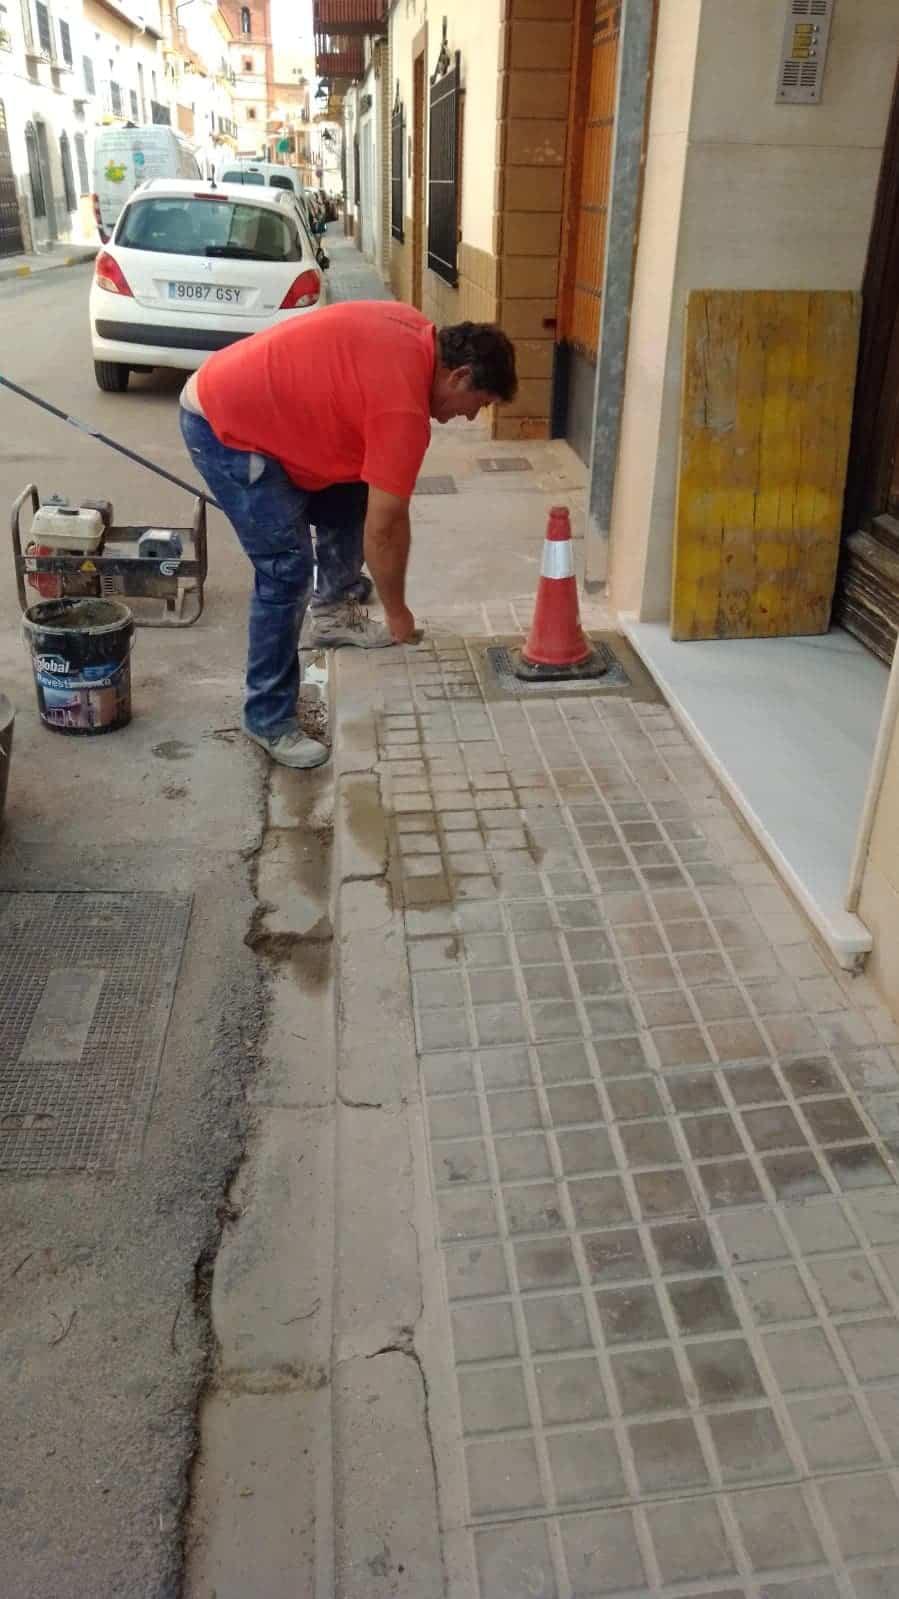 obras vias publicas herencia 2 - Continua la conservación de las vías públicas en Herencia